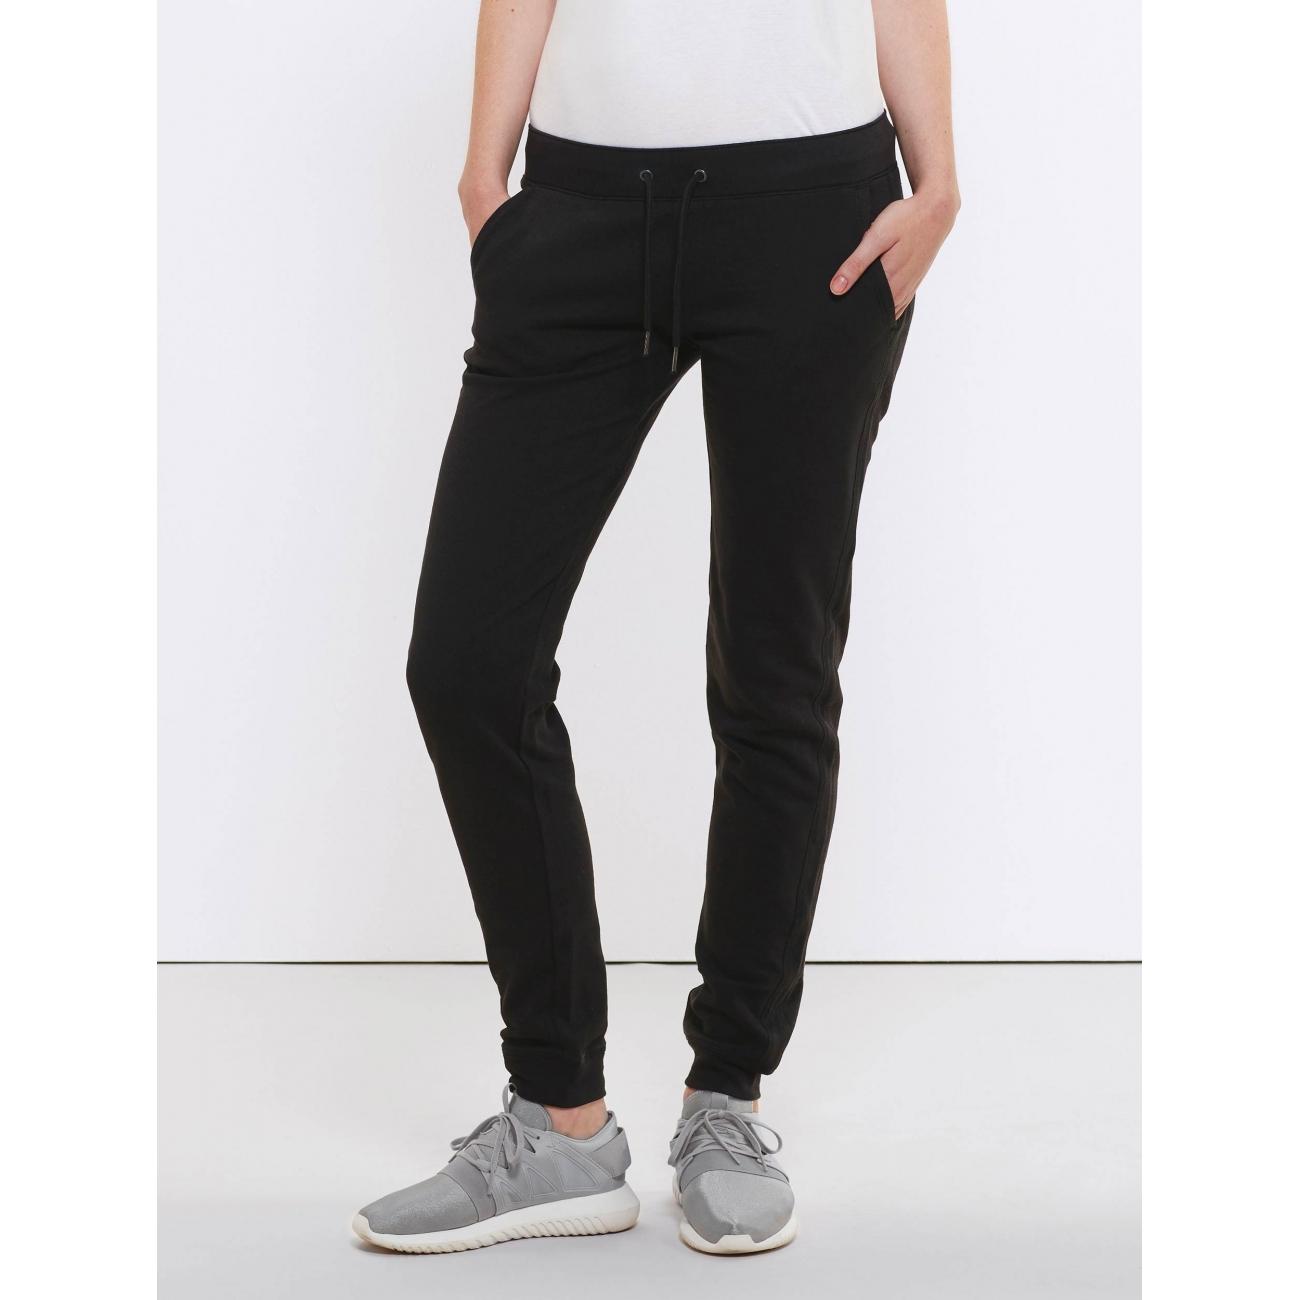 http://tee-shirt-bio.com/5624-thickbox_default/pantalon-de-jogging-en-coton-bionoir-pour-femme.jpg